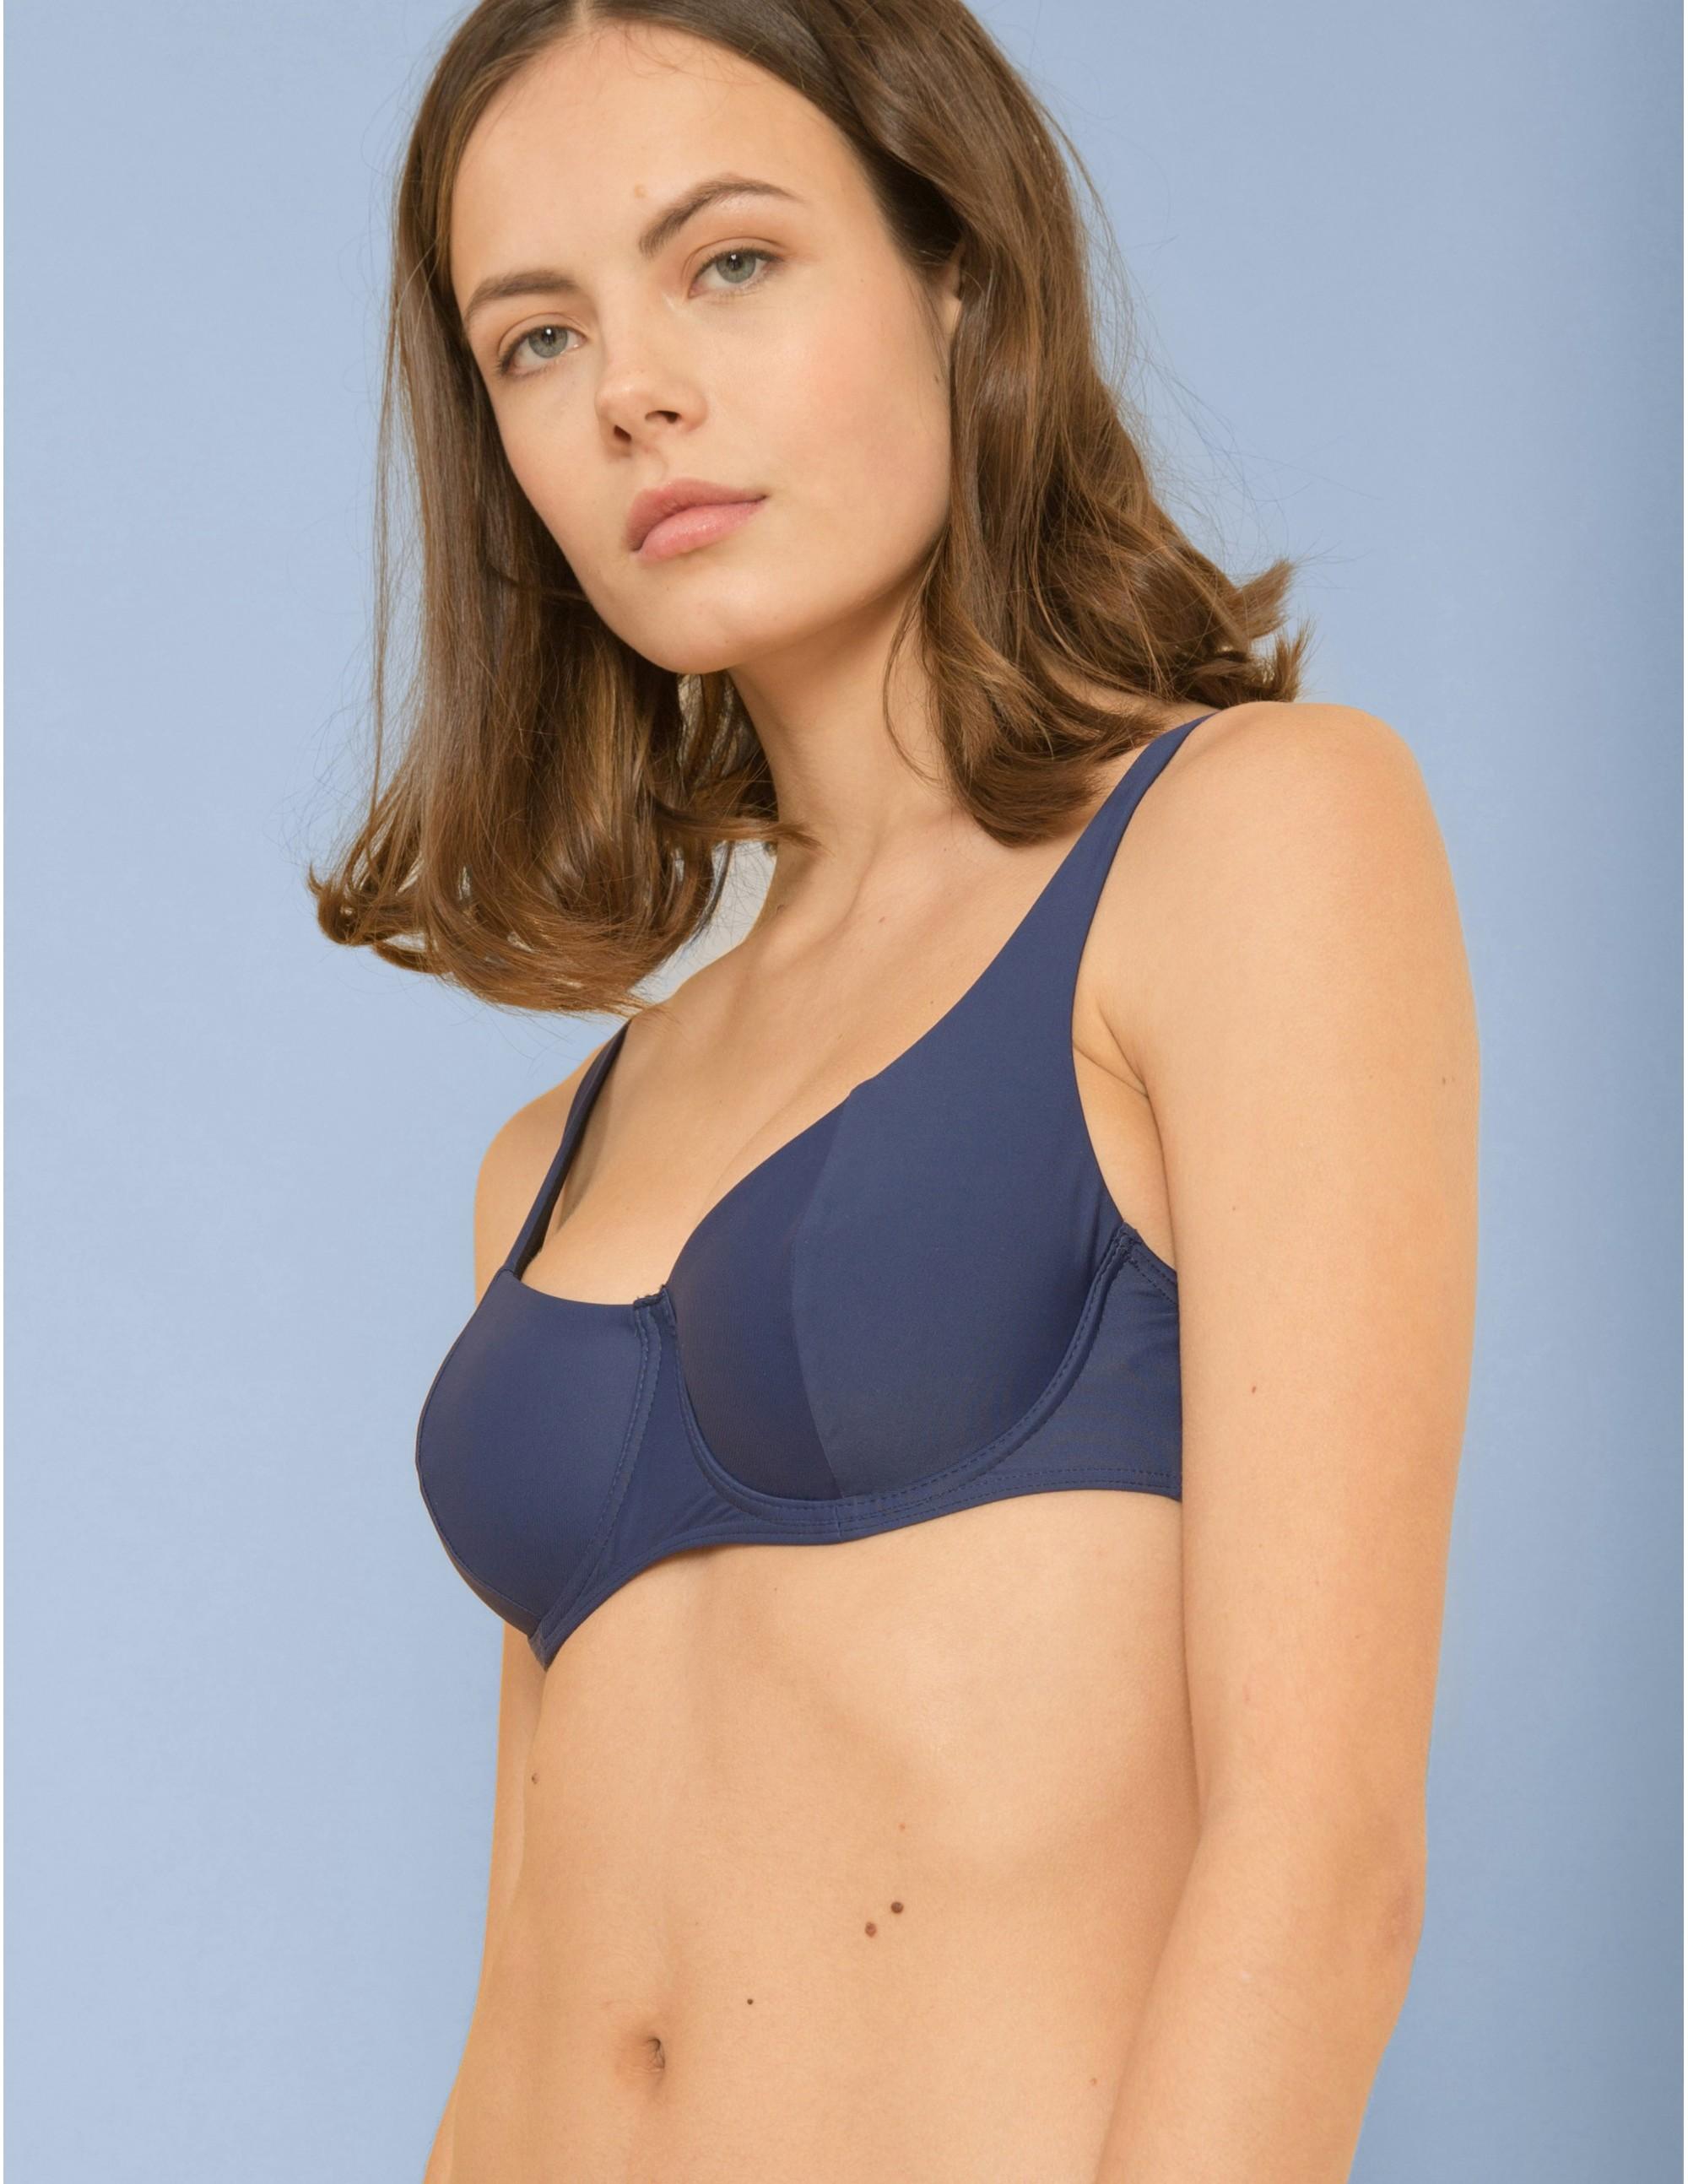 KIGO bikini top - BLU NOTTE